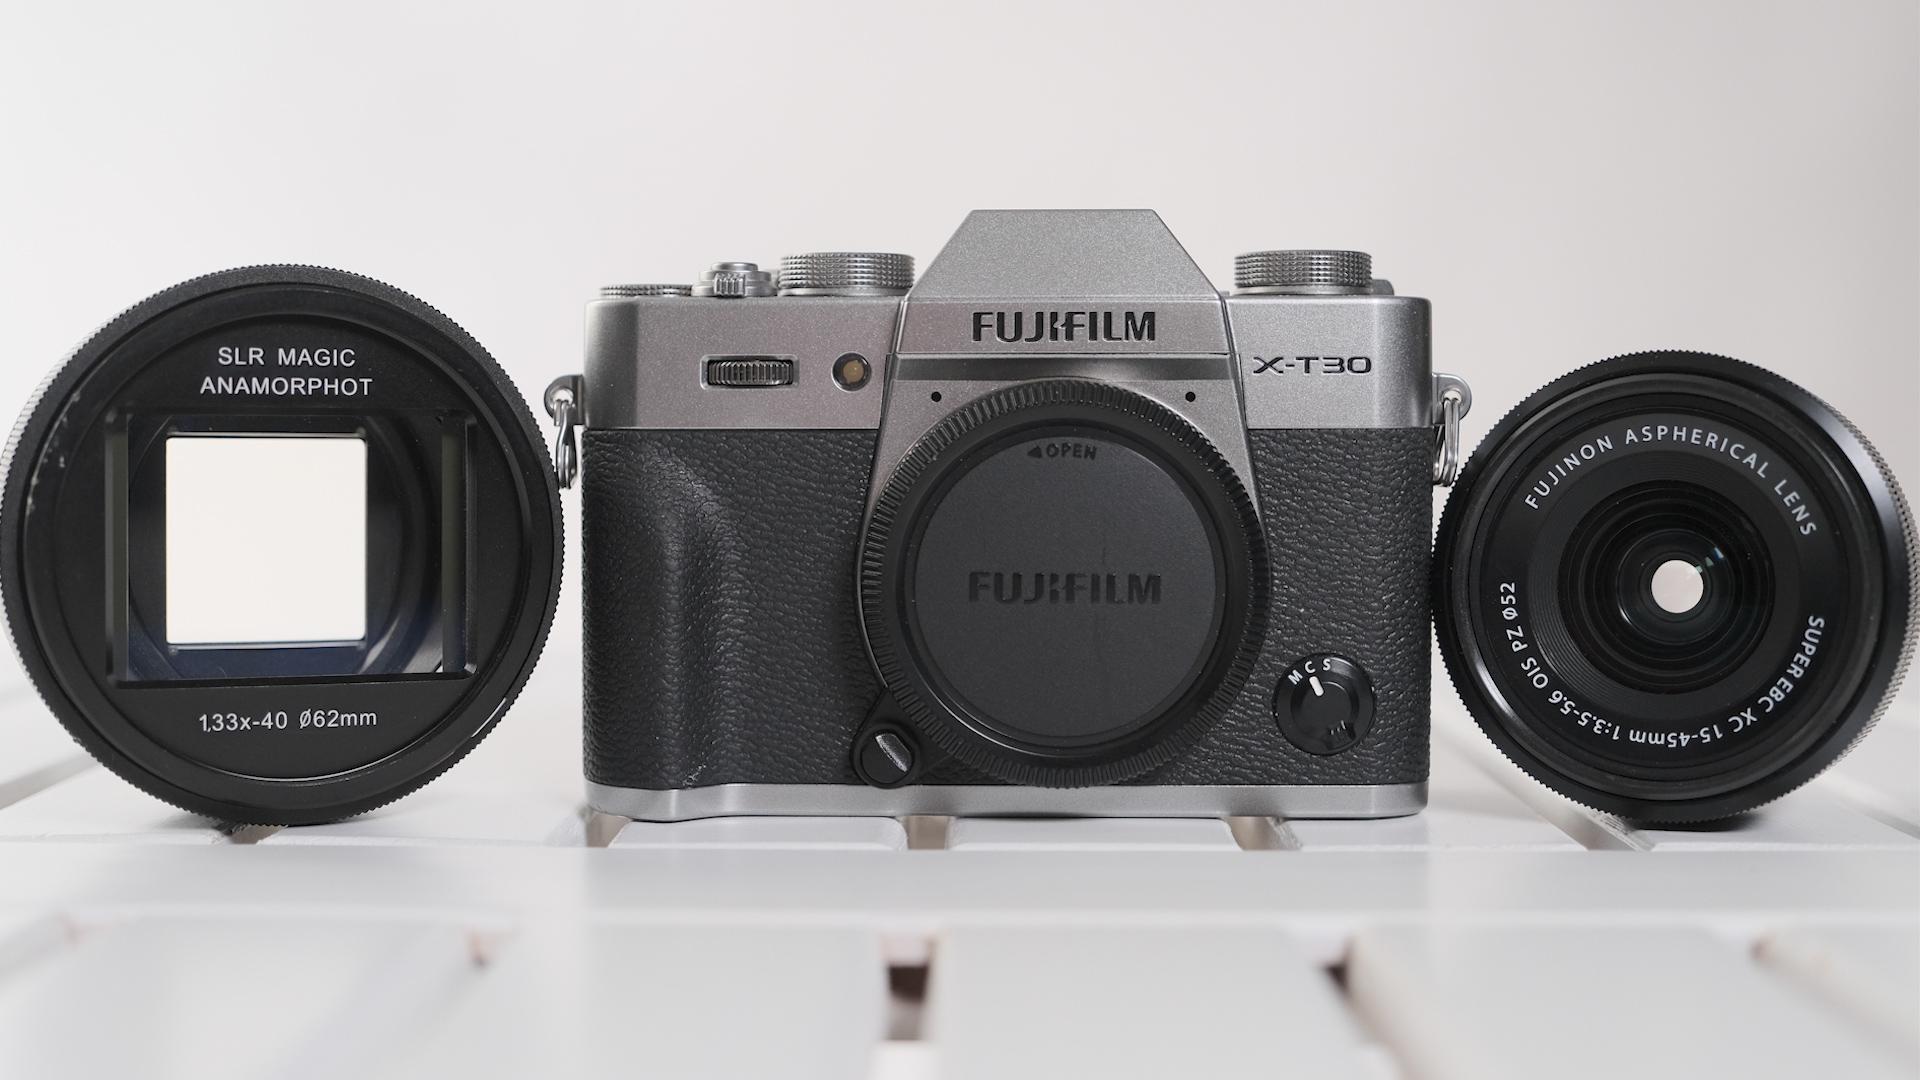 Anamórfico, asequible: Reseñamos la FUJIFILM X-T30 y el SLR Magic Anamorphot-40 1.33x